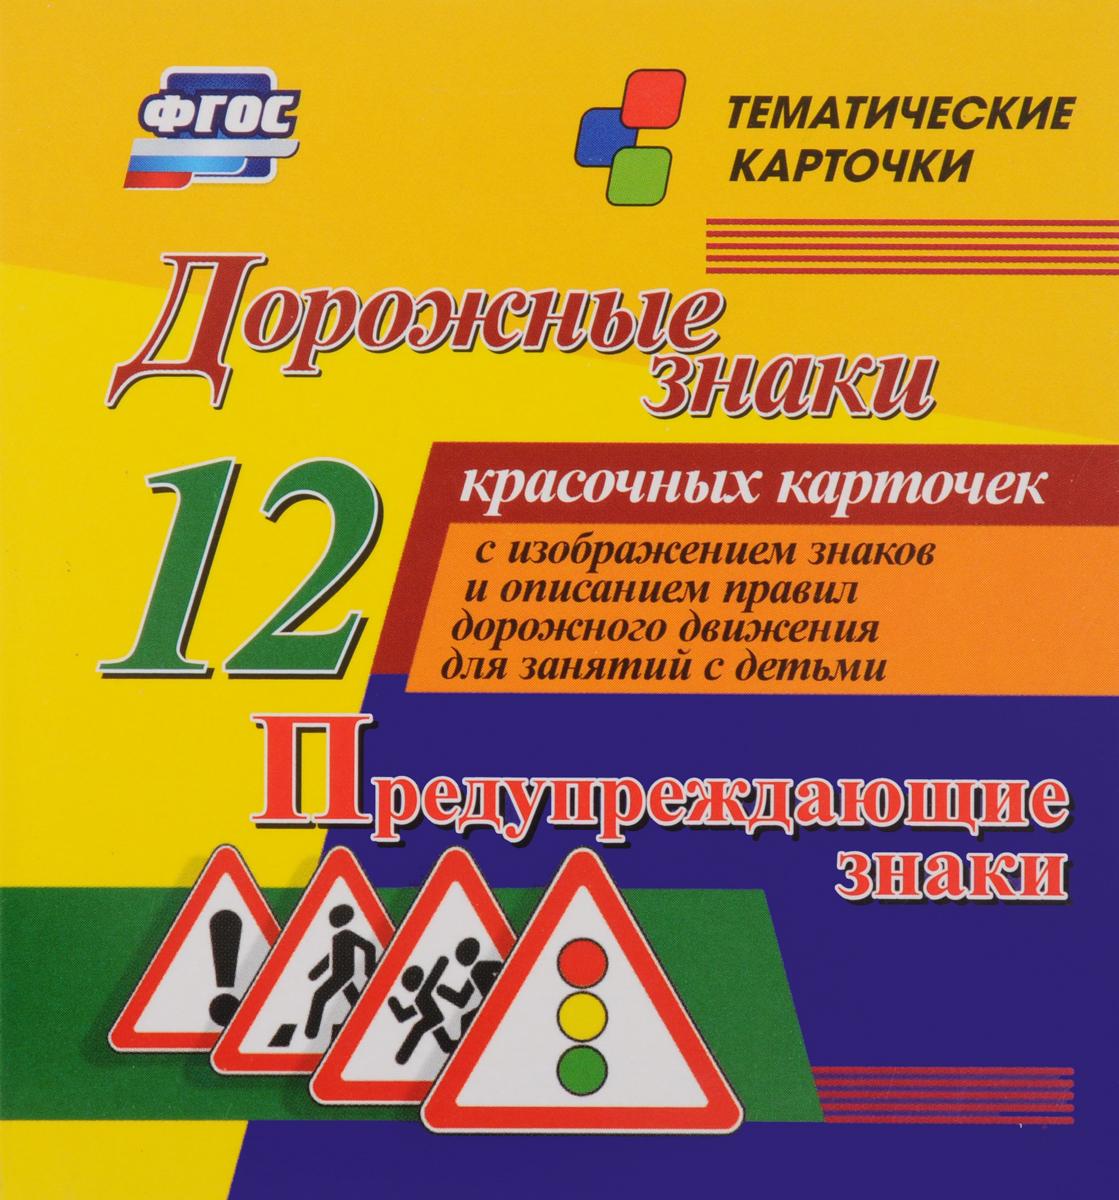 Дорожные знаки. Предупреждающие знаки (набор из 12 карточек)